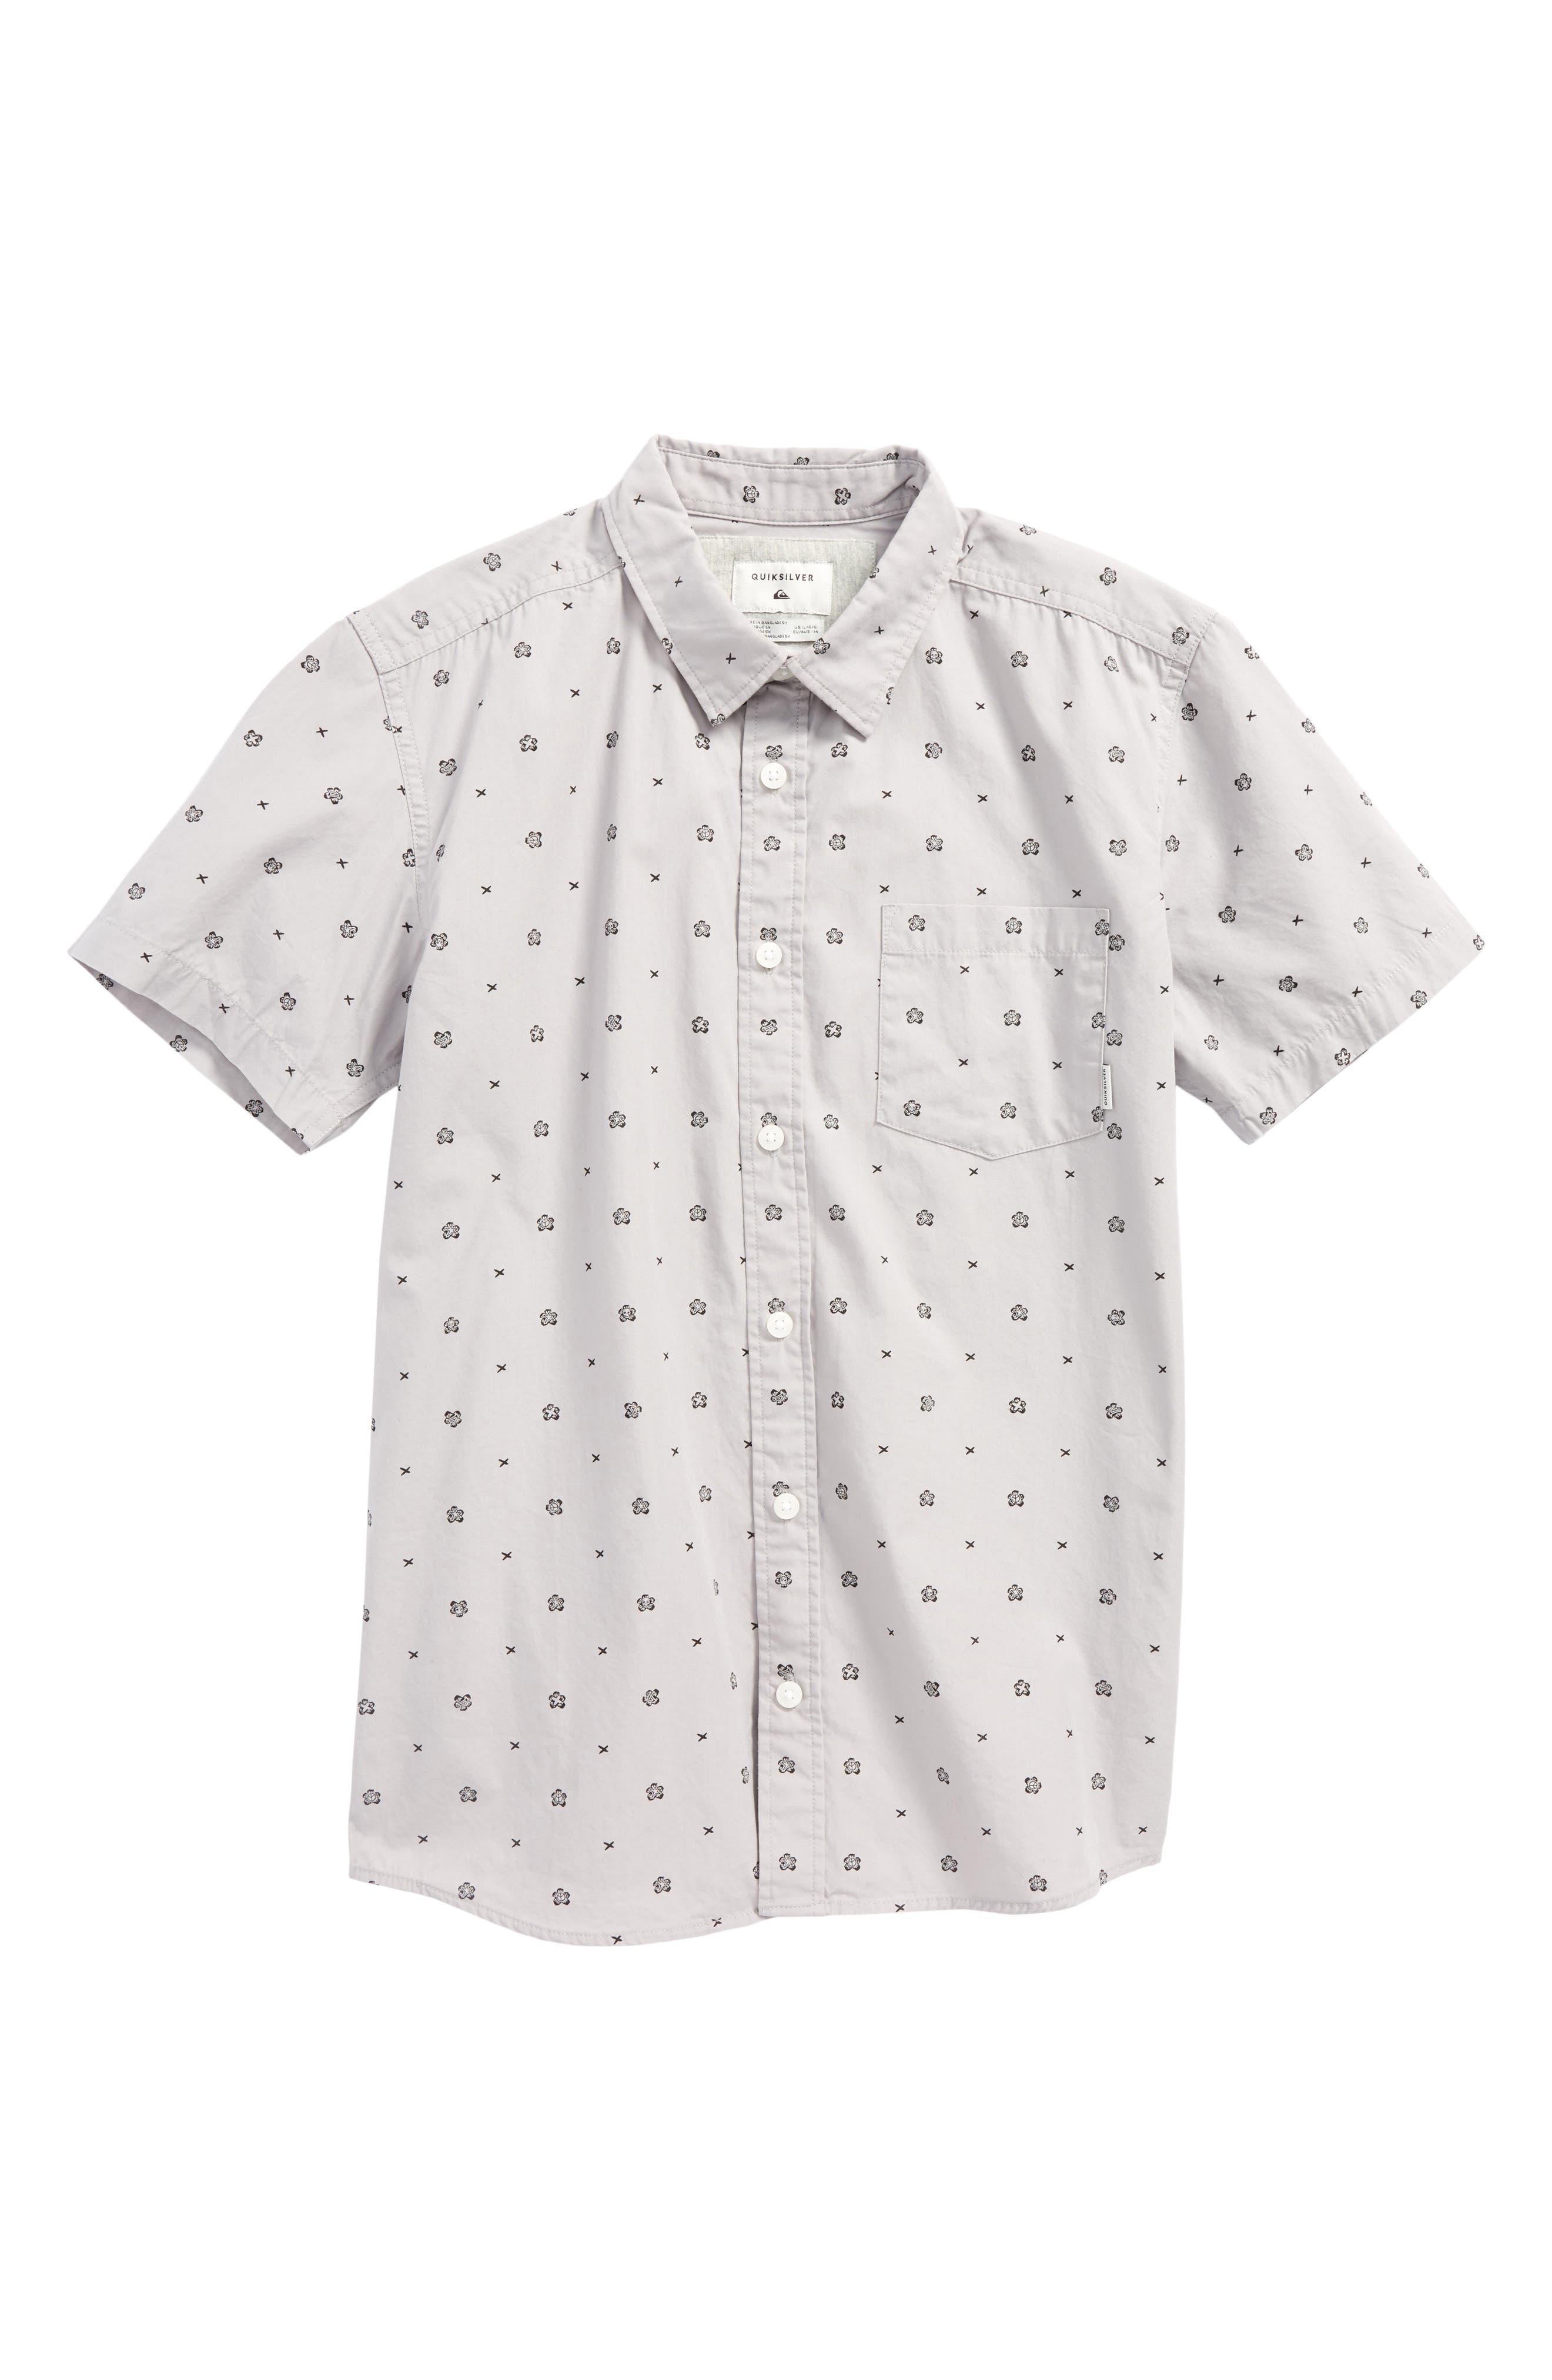 Kamanoa Woven Shirt,                             Main thumbnail 1, color,                             Silver Sconce